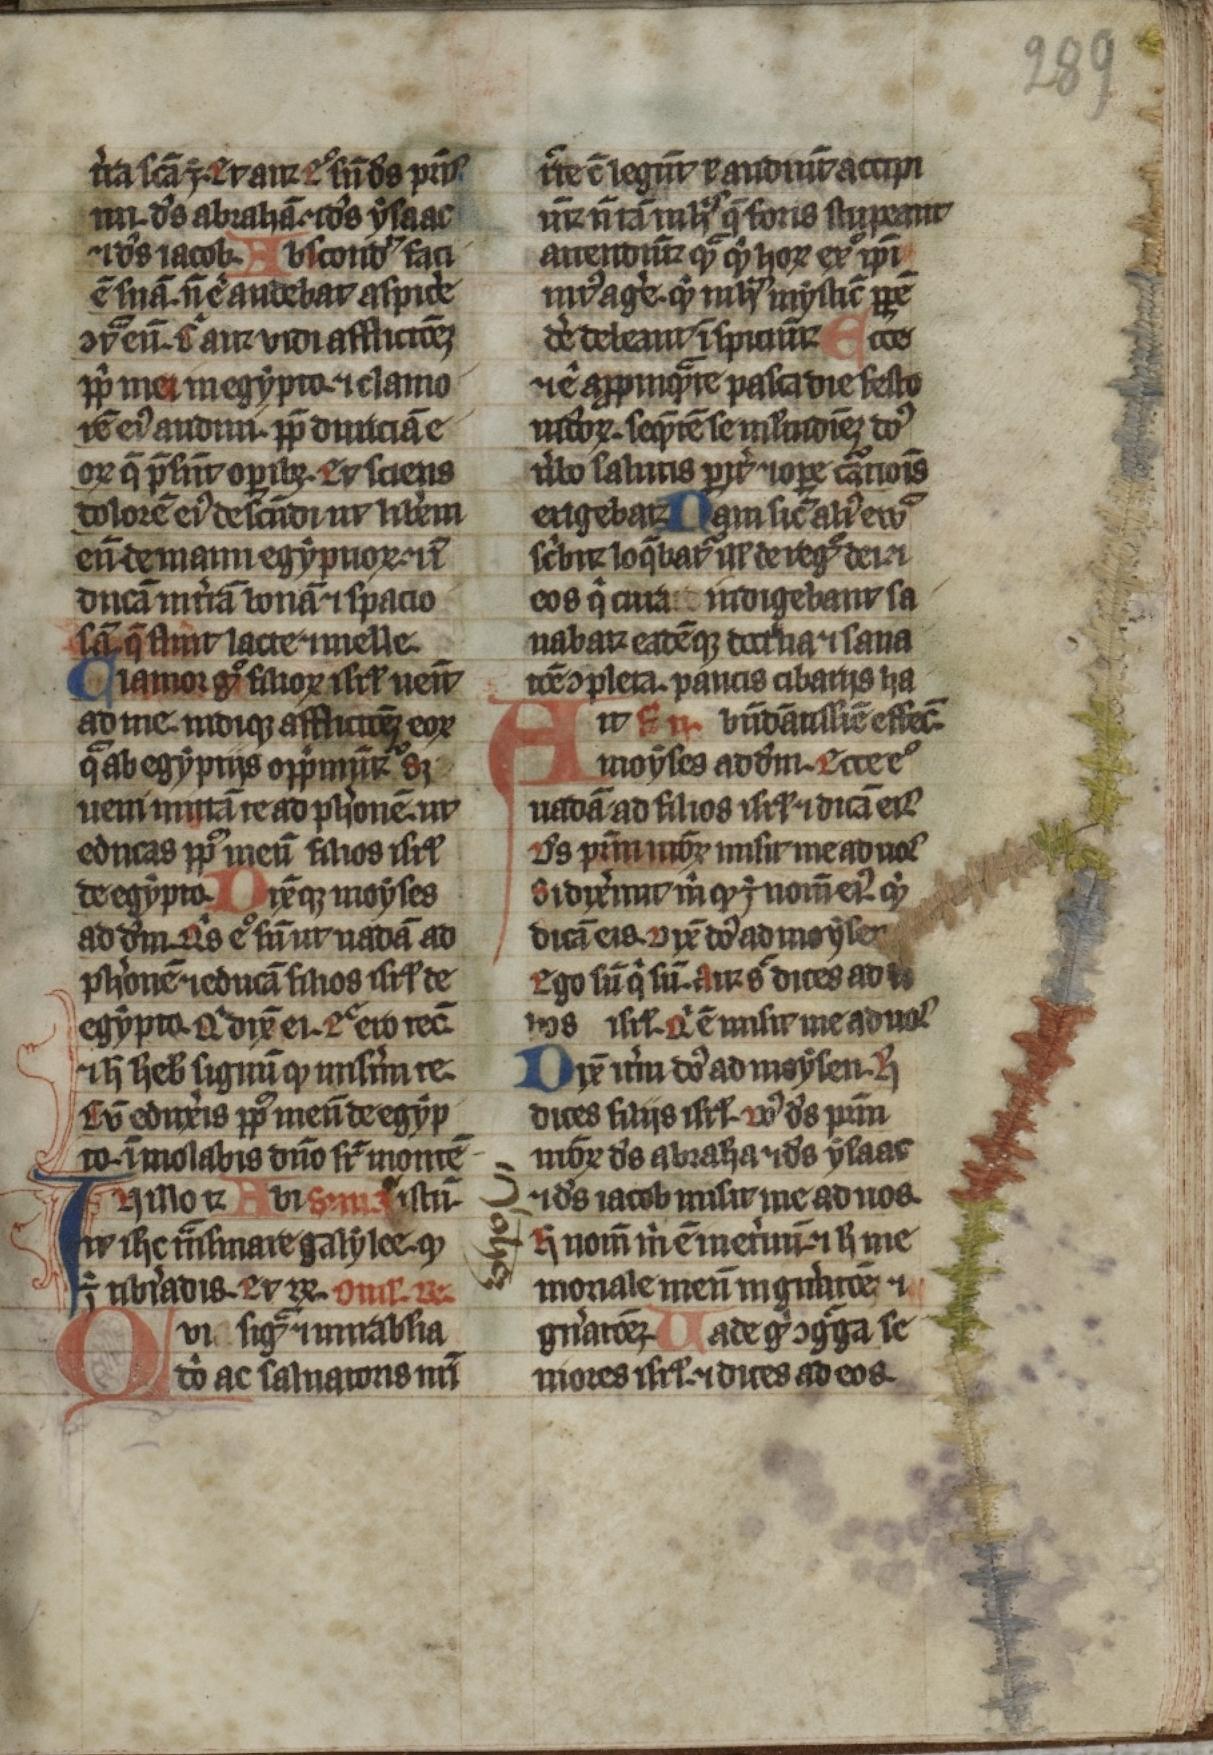 Contenu du Détail de broderie (Bibliothèques-Médiathèques de Metz, f. 289)